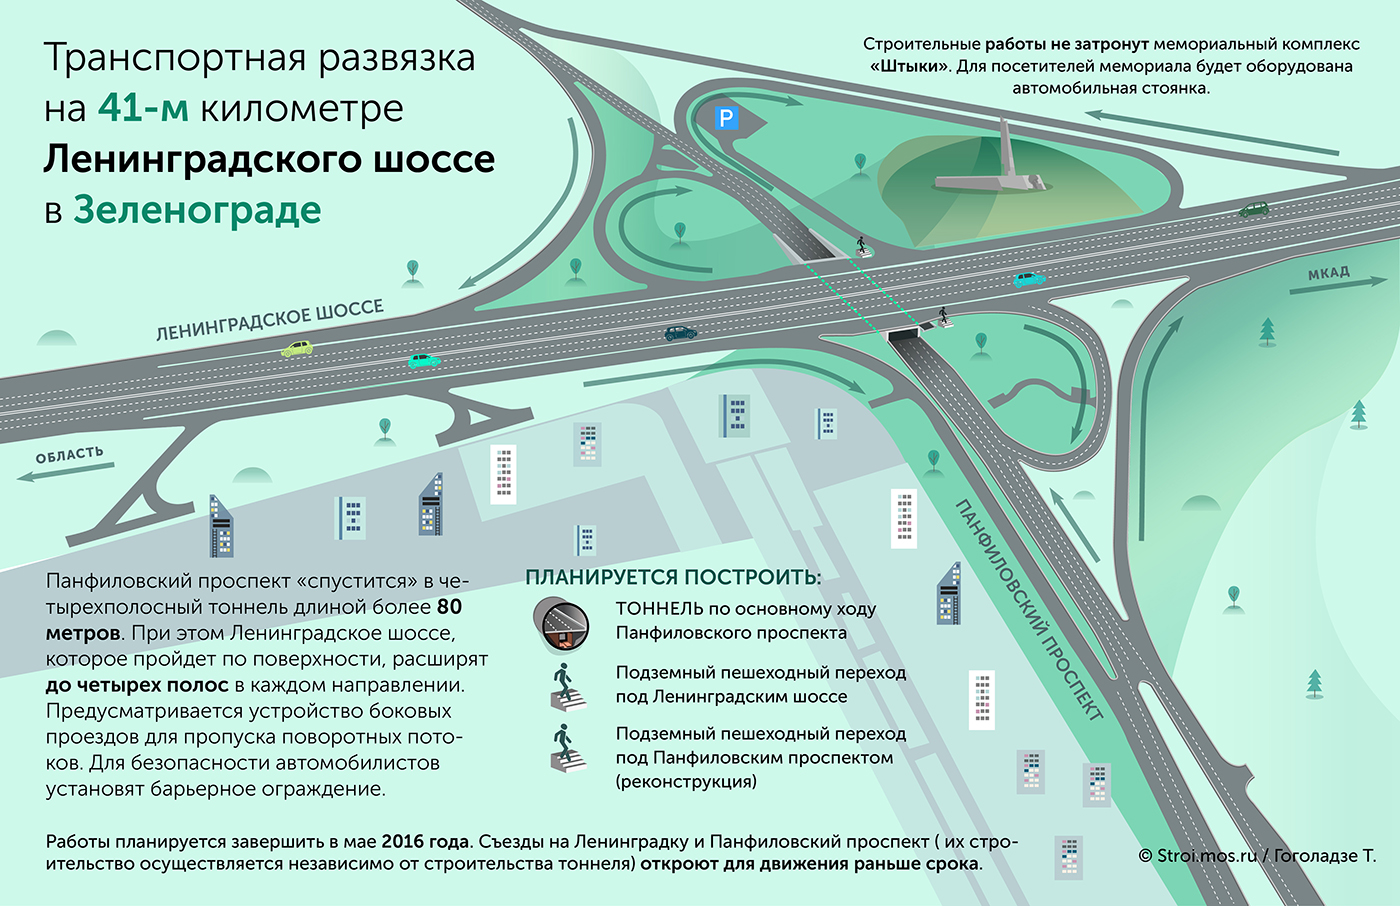 Новая схема движения ленинградского проспекта